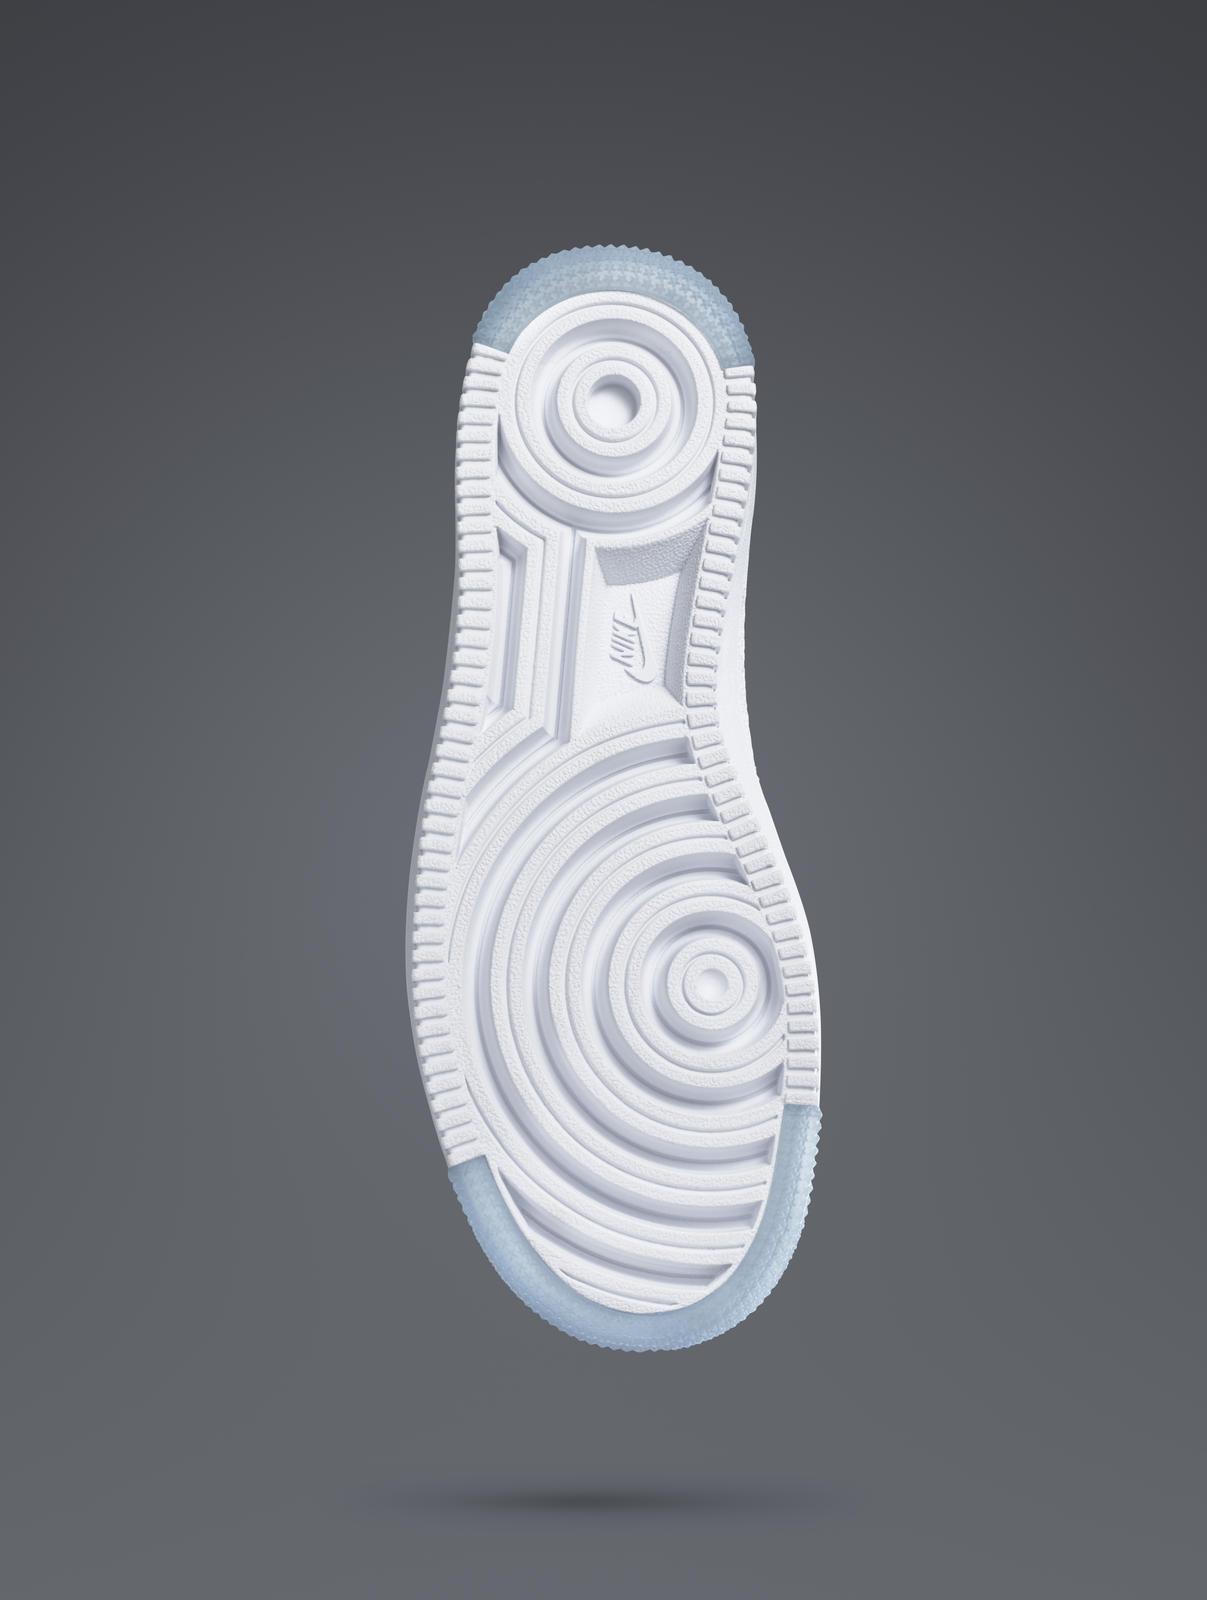 Nike Air Force 1 Ultra Flyknit Mid Flerfarget Hår rN1tsoxt